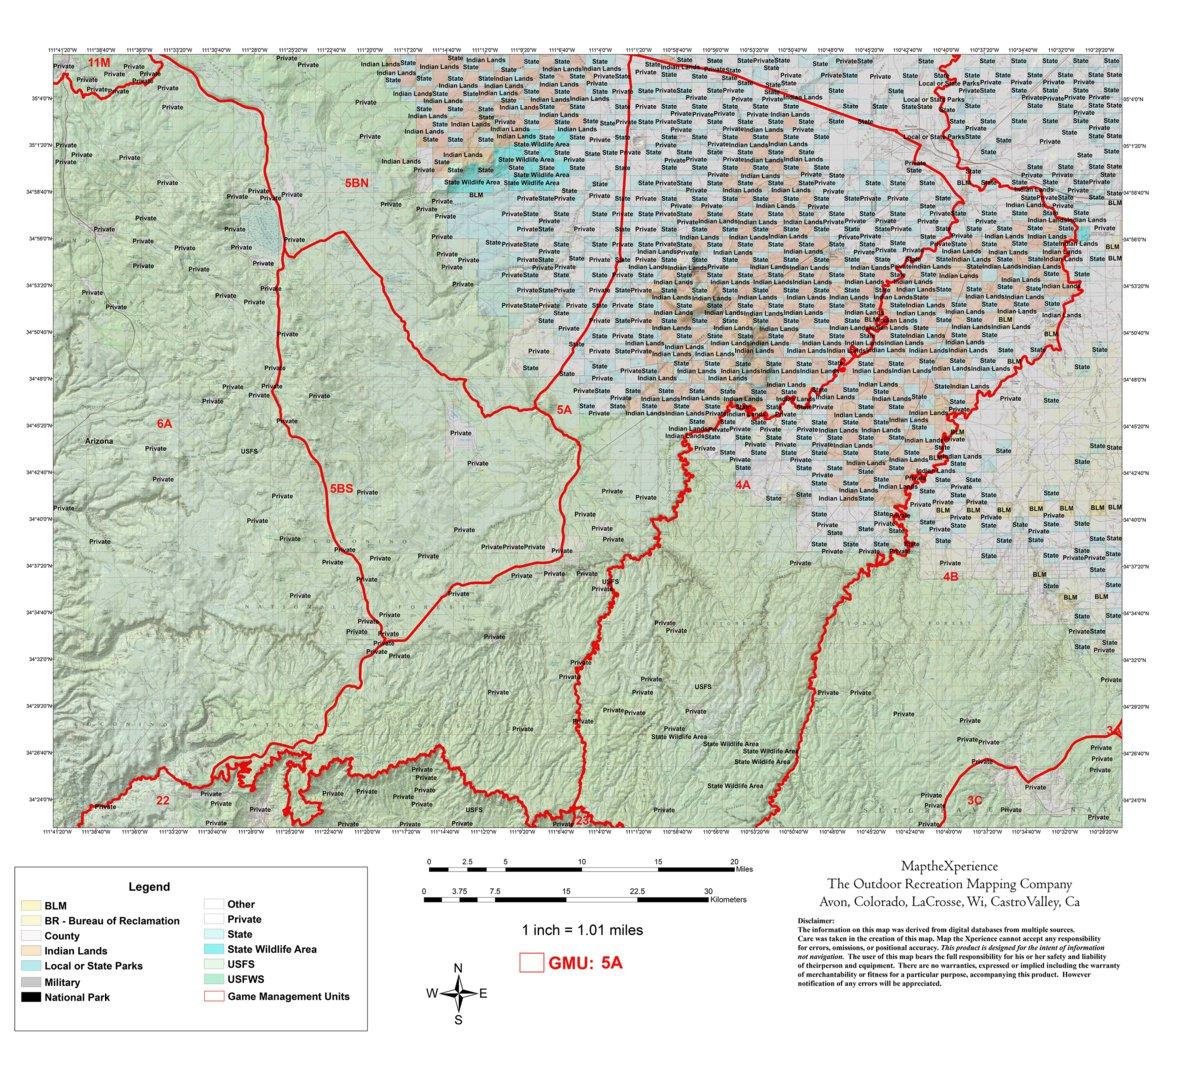 Map Of Unit 5a Arizona.Arizona Gmu 5a Hunting Map Map The Xperience Avenza Maps